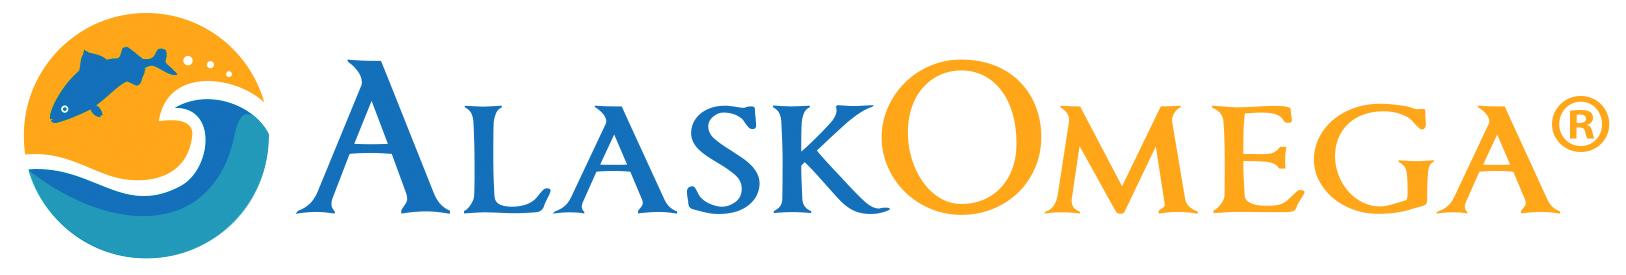 alaskomega-logo_highres.jpg